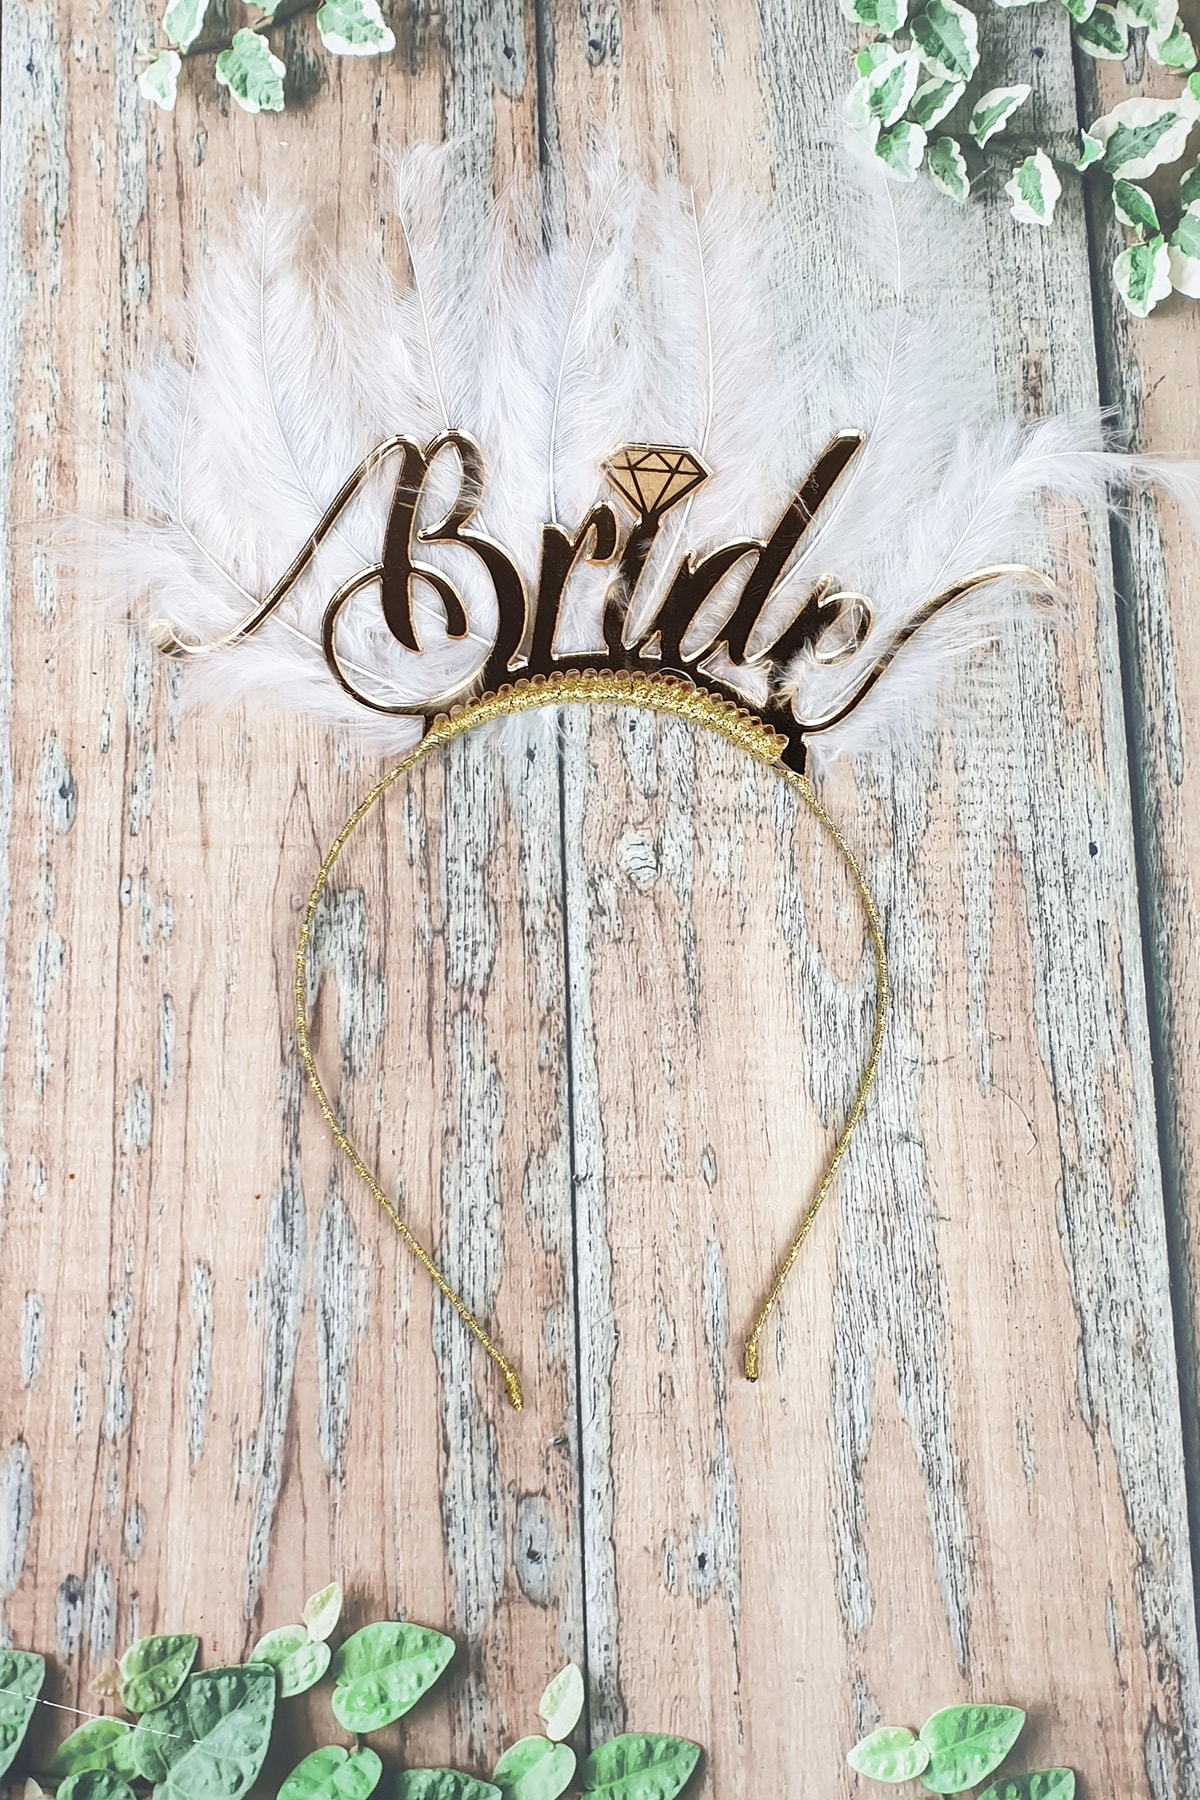 PEKSHOP Tüylü Bride Taç, Gelin Tacı, Altın 1